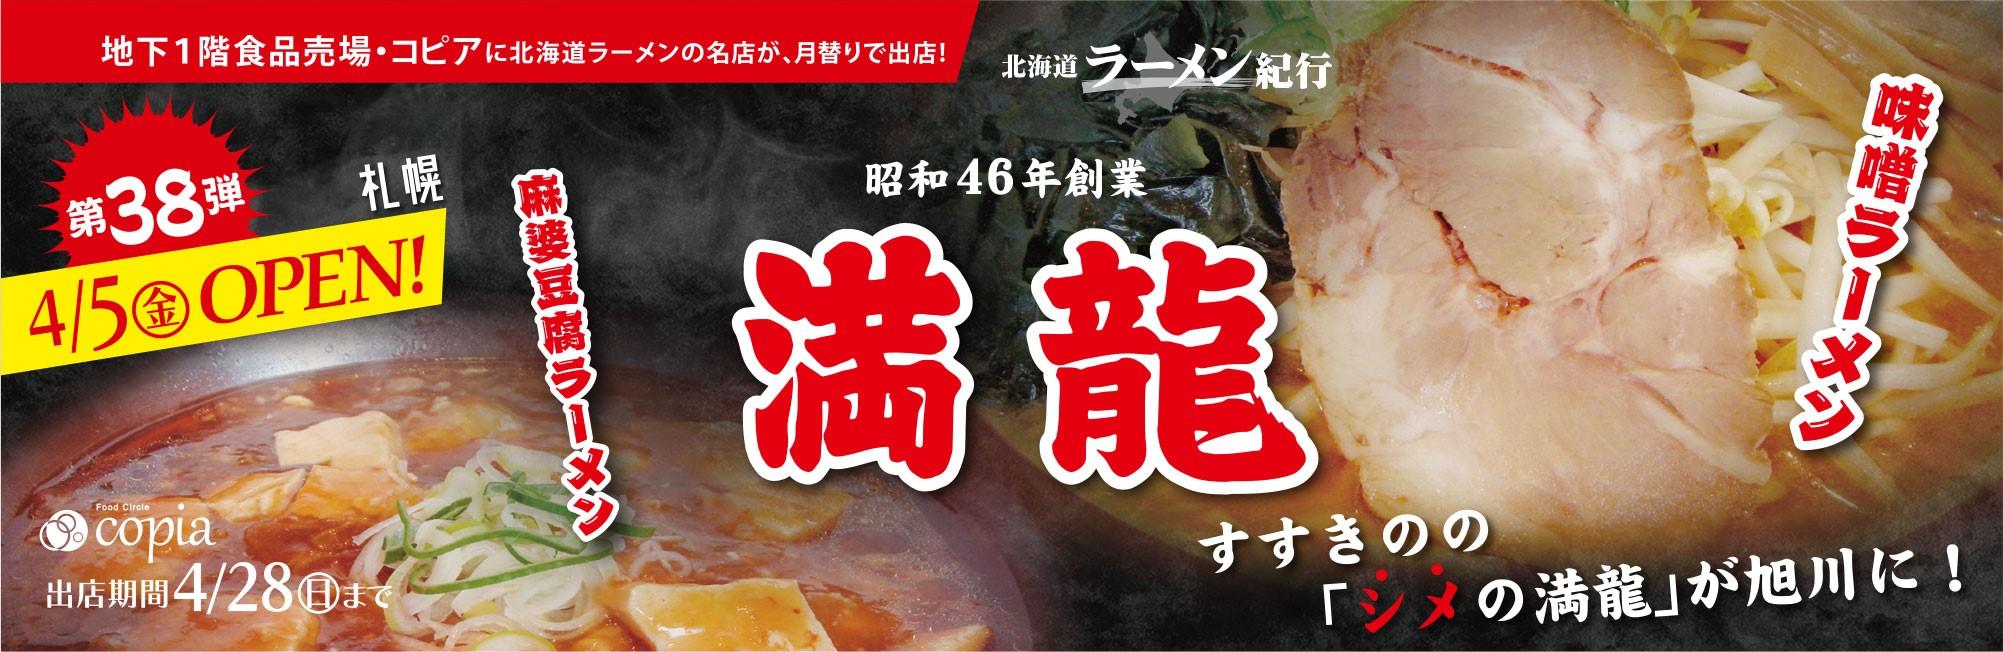 Feeeal ASHAHIKAWA 北海道ラーメン紀行 「札幌 満龍」